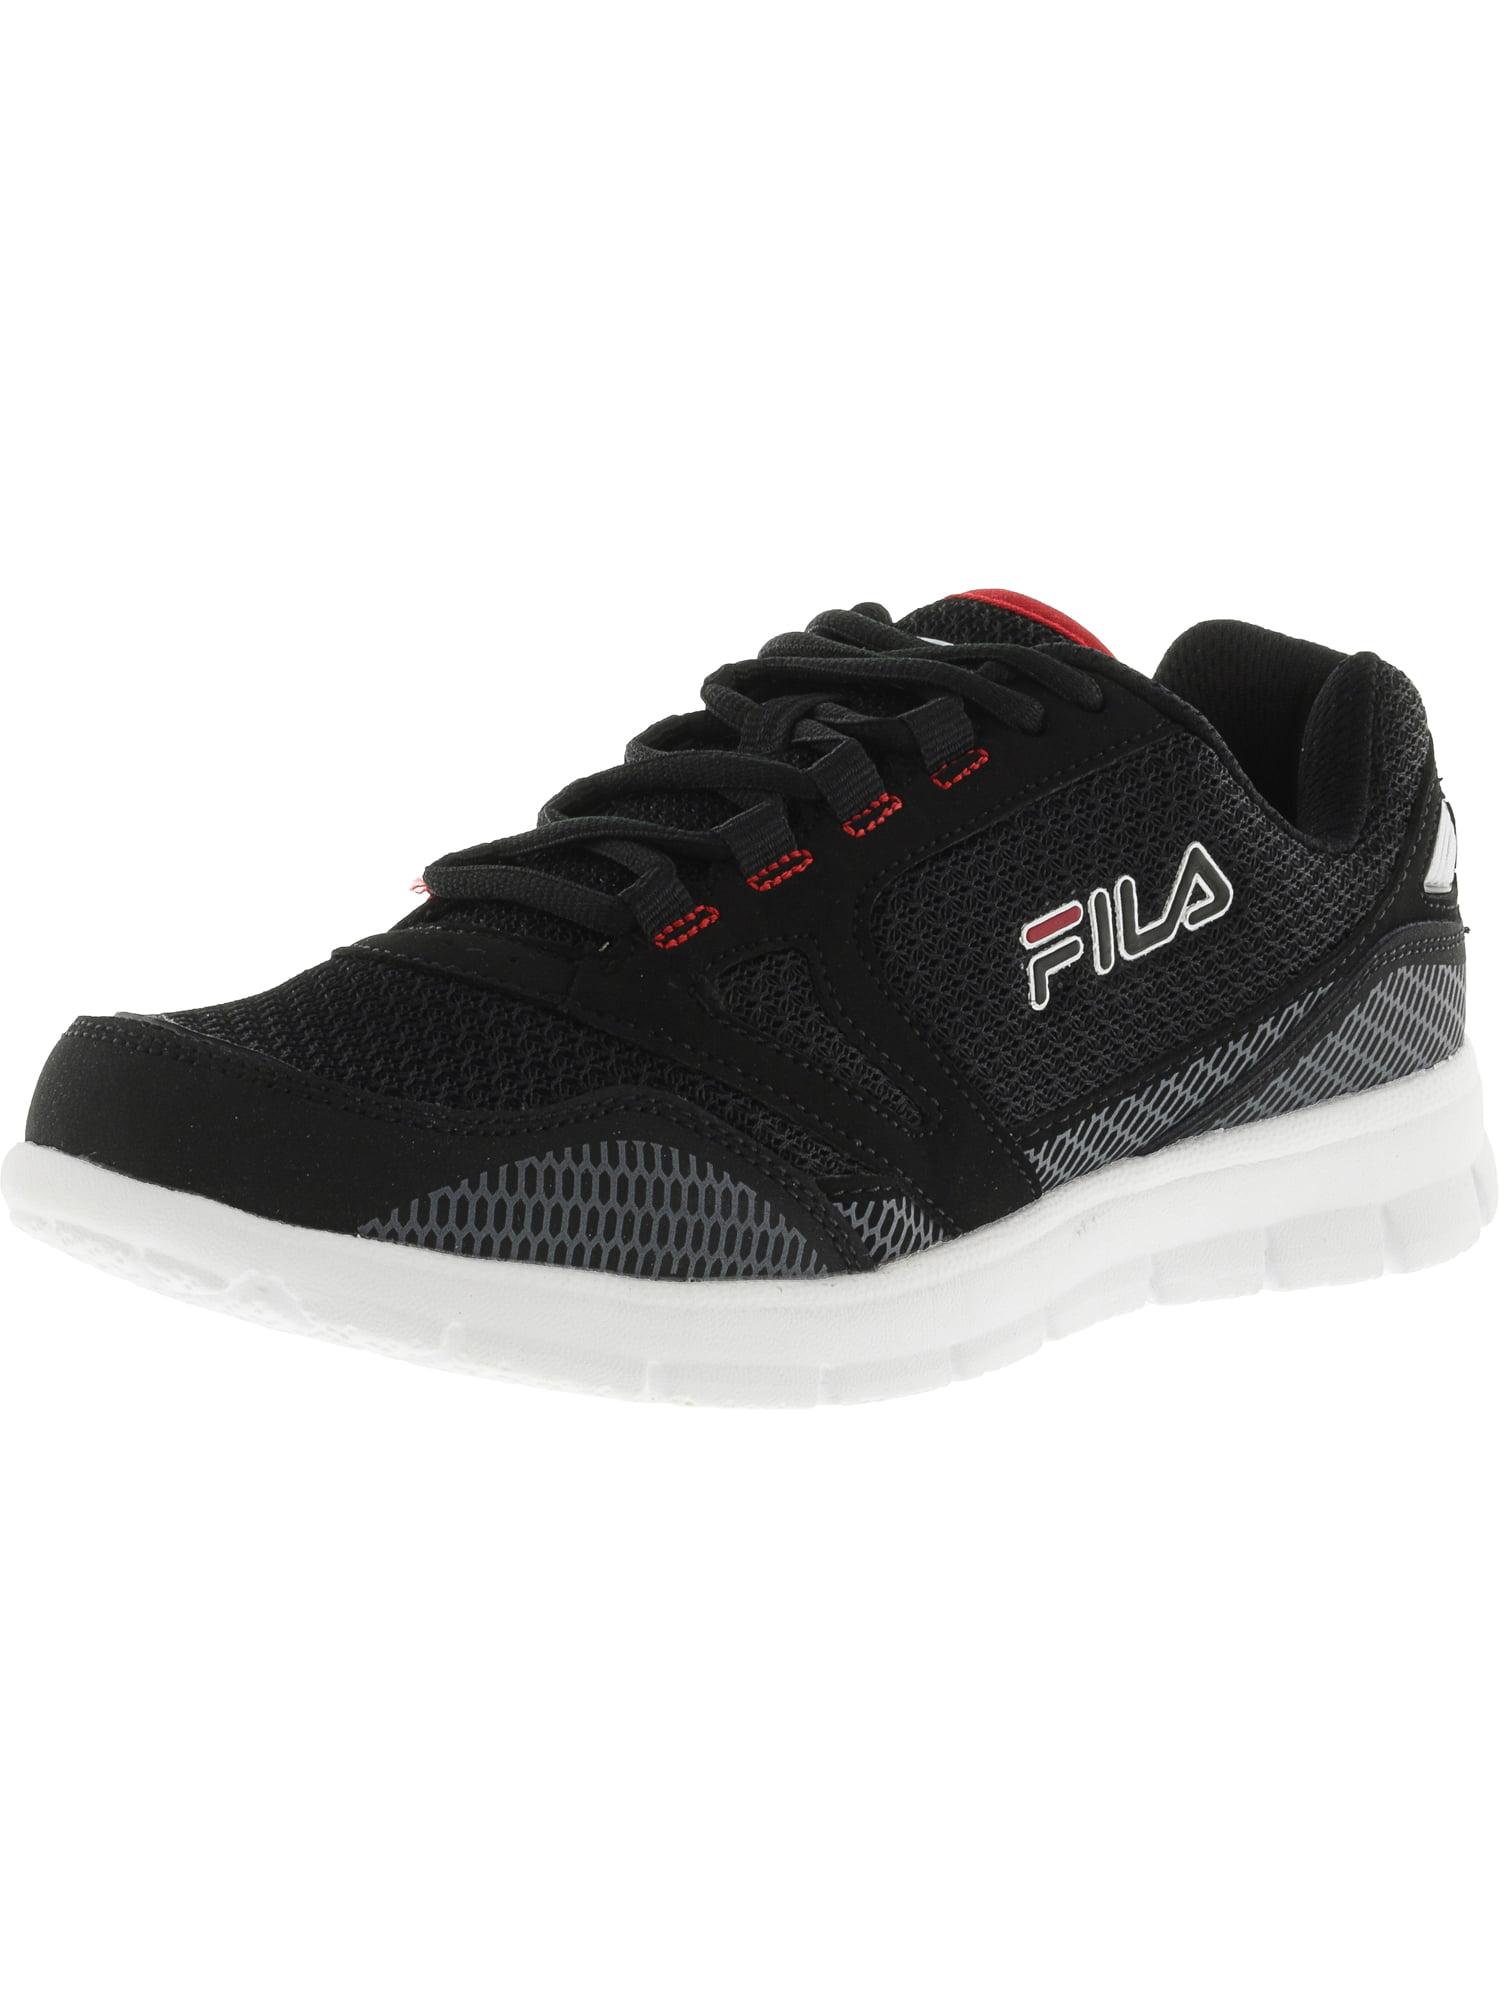 Fila Men's Direction Black   Castlerock Red Low Top Running Shoe 14M by Fila